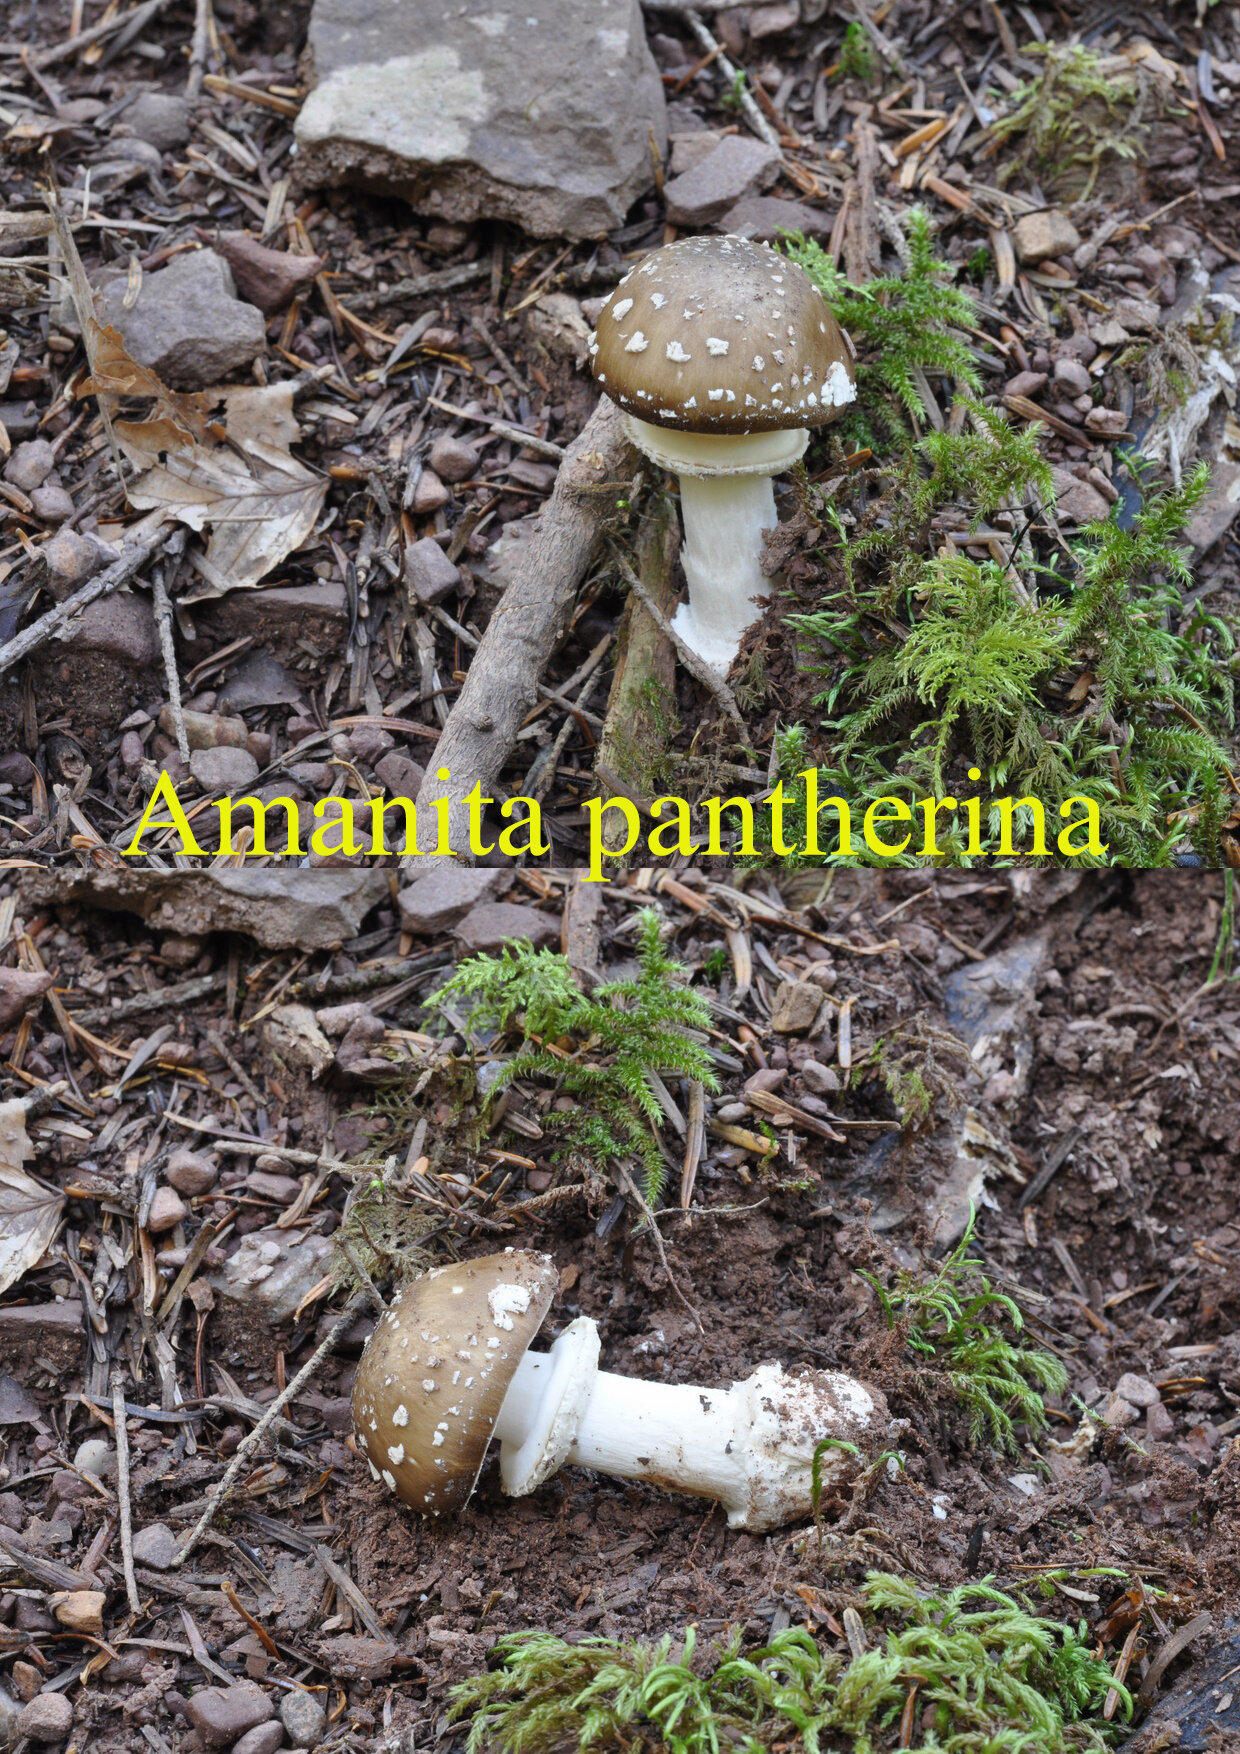 Amanita pantherina